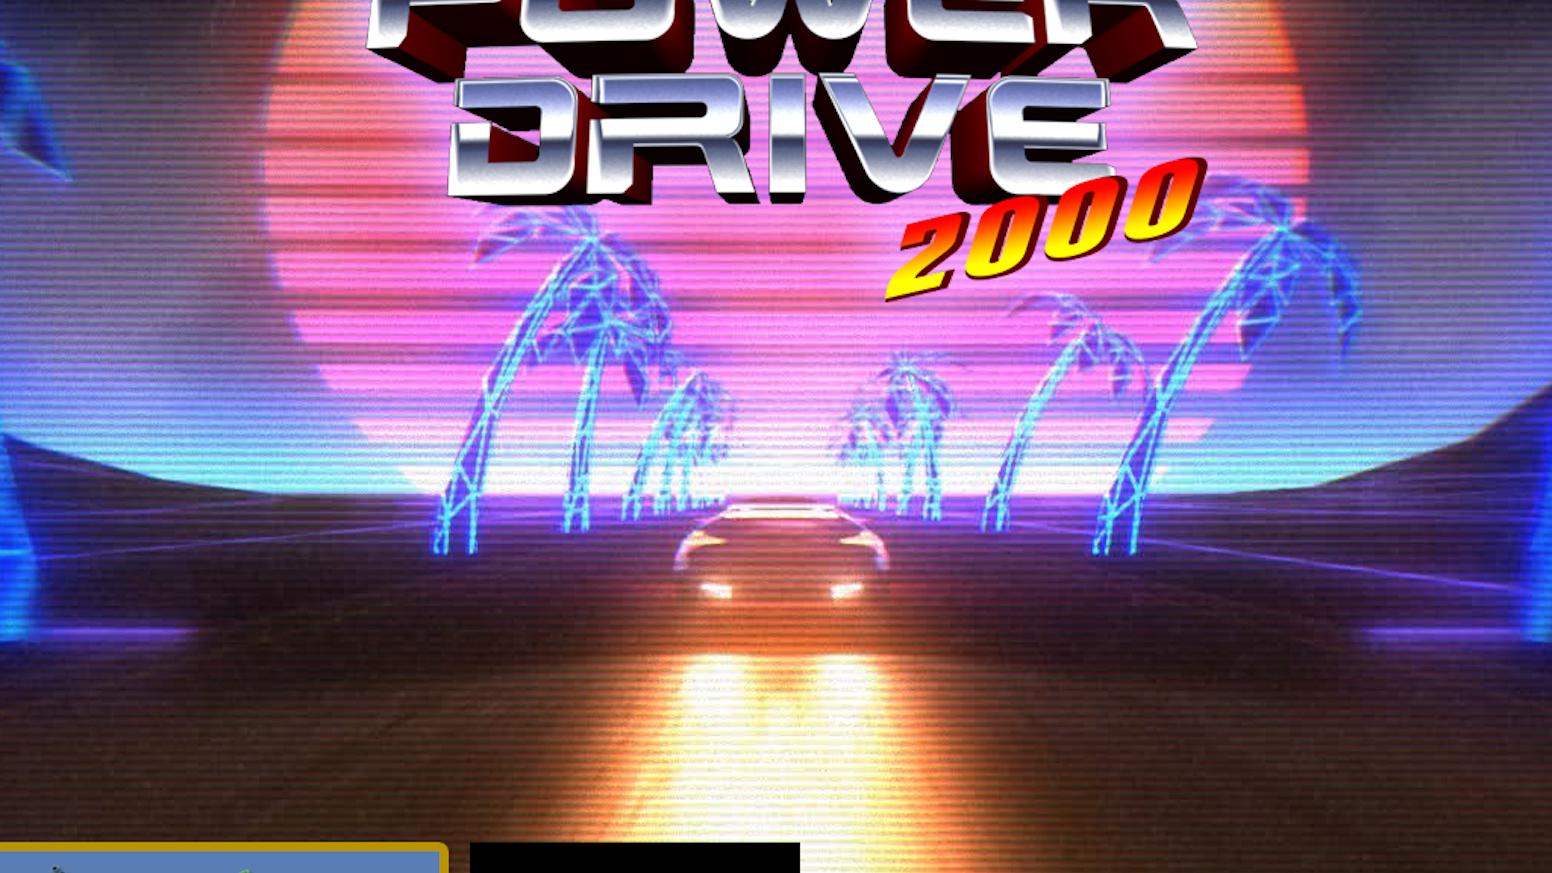 Power Drive 2000 ile ilgili görsel sonucu